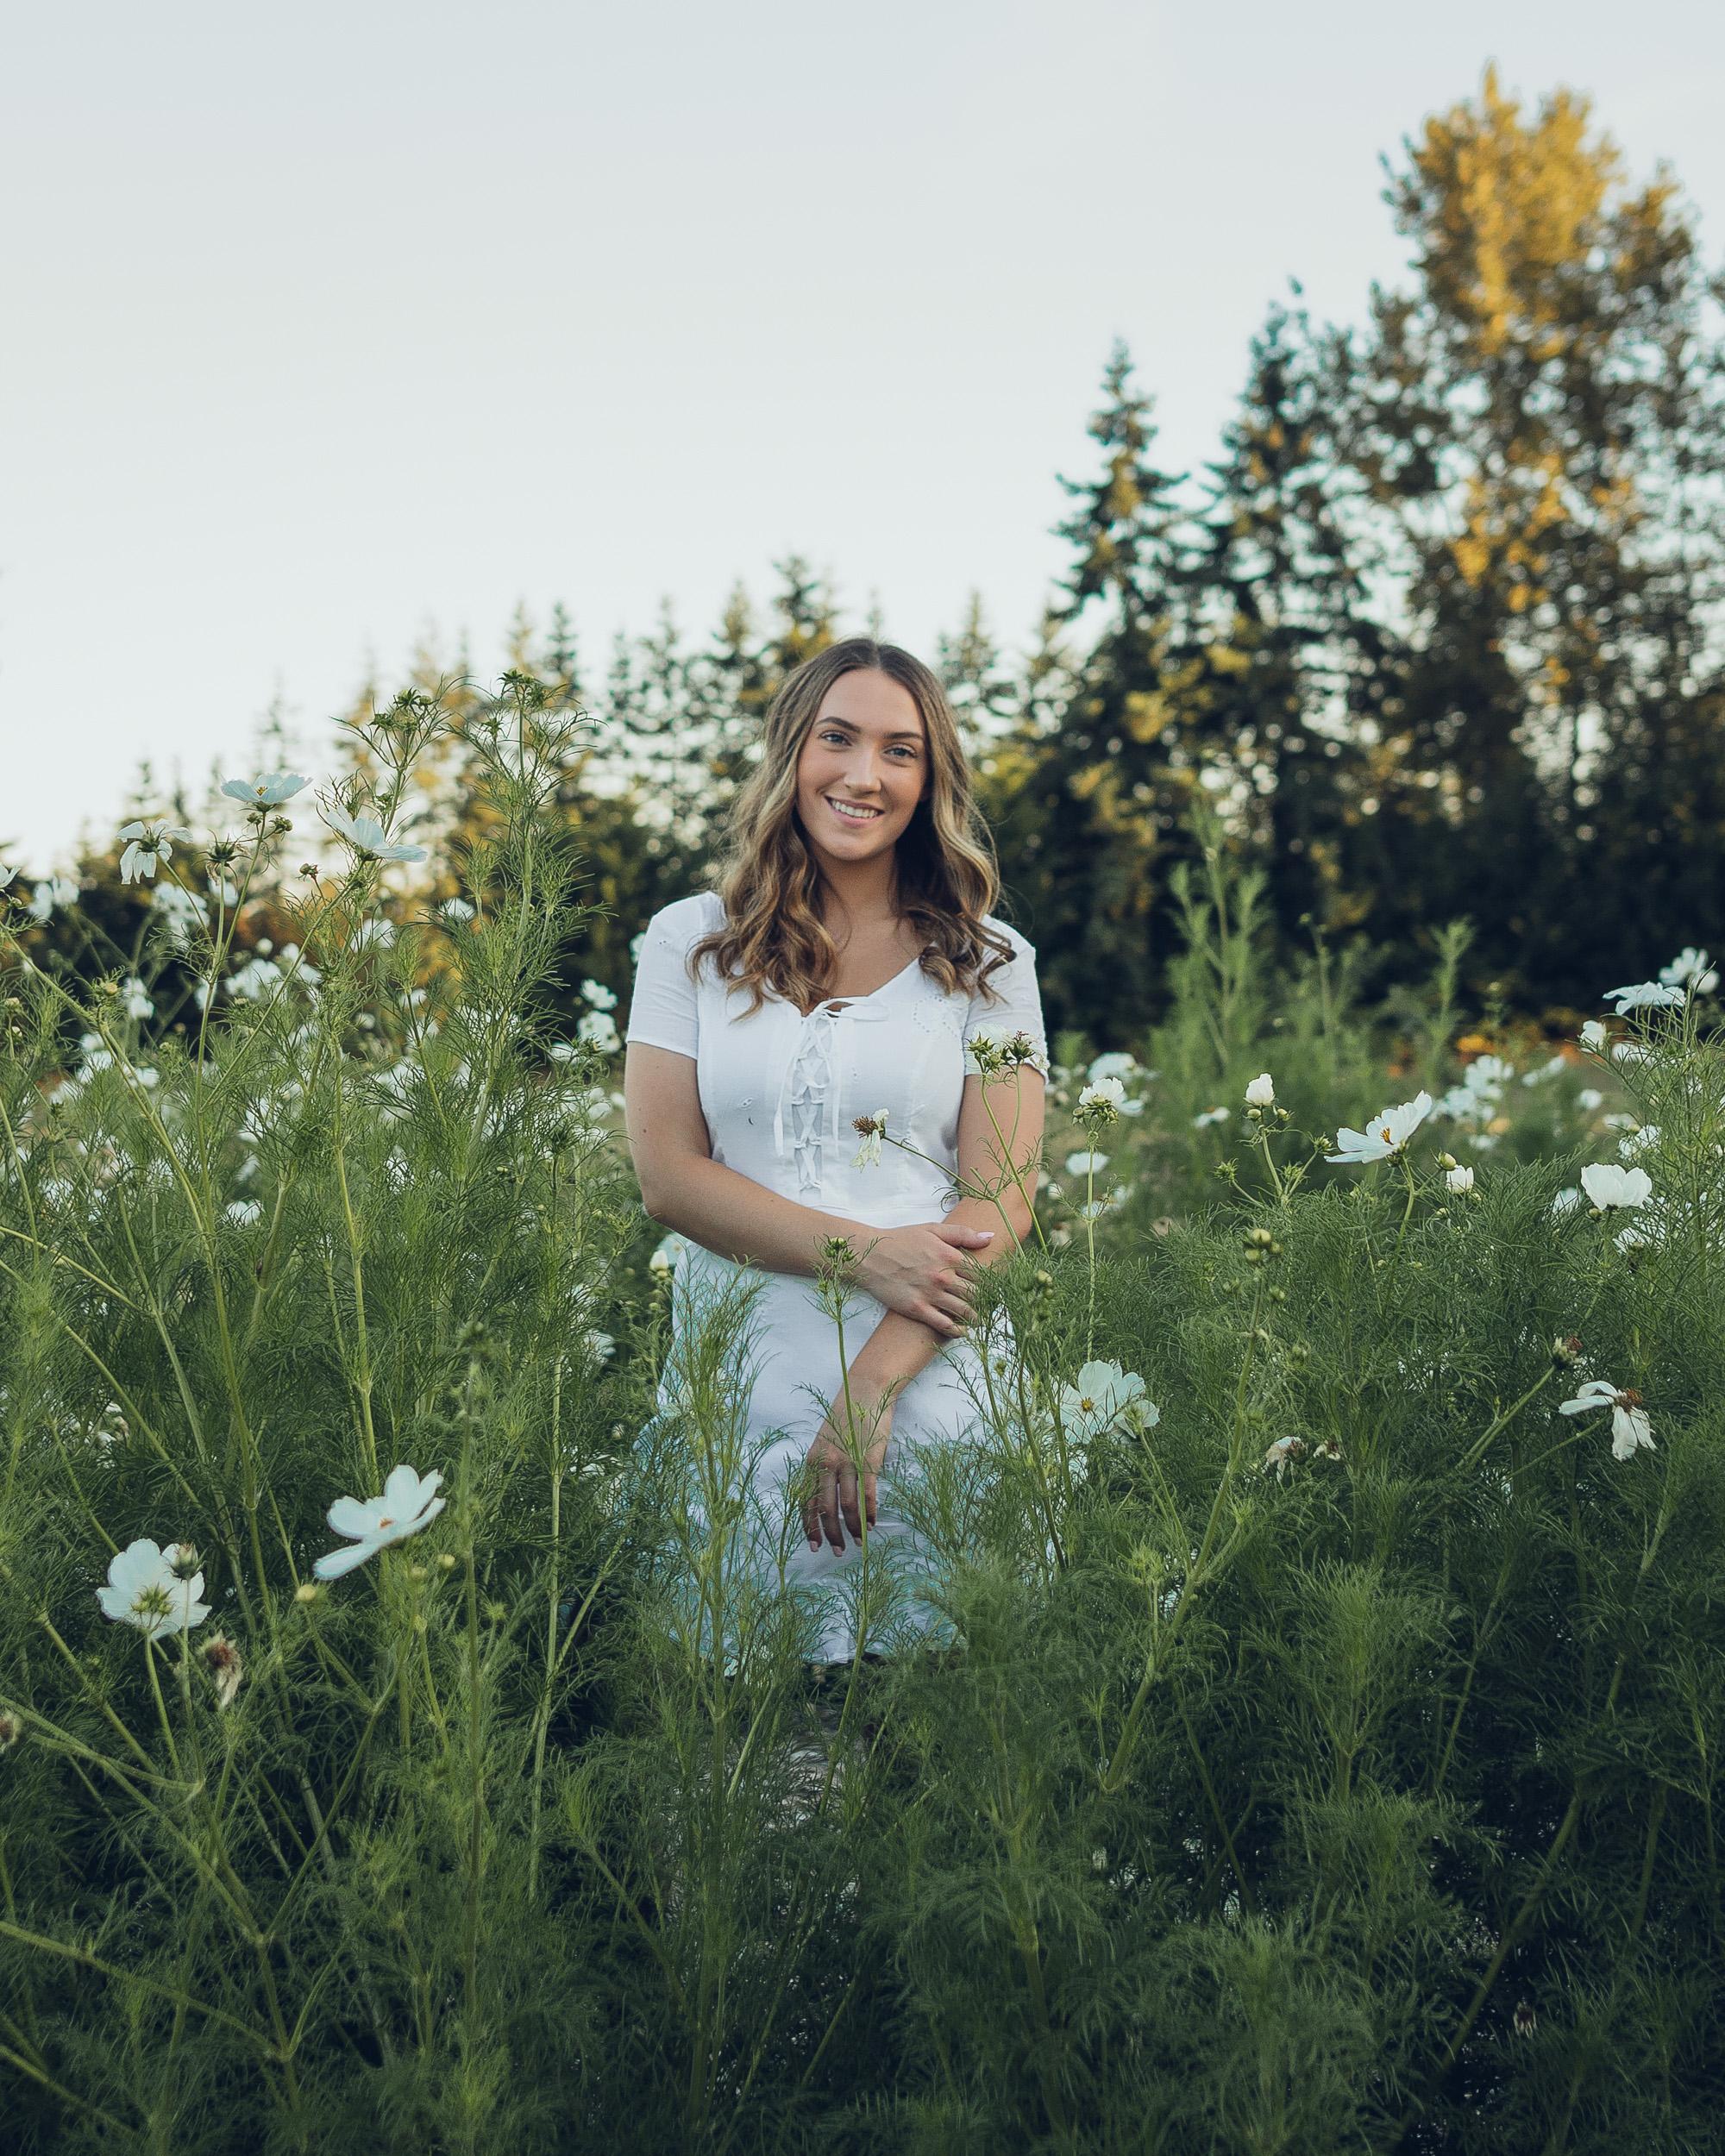 Seniorportraitsseattle-40.jpg